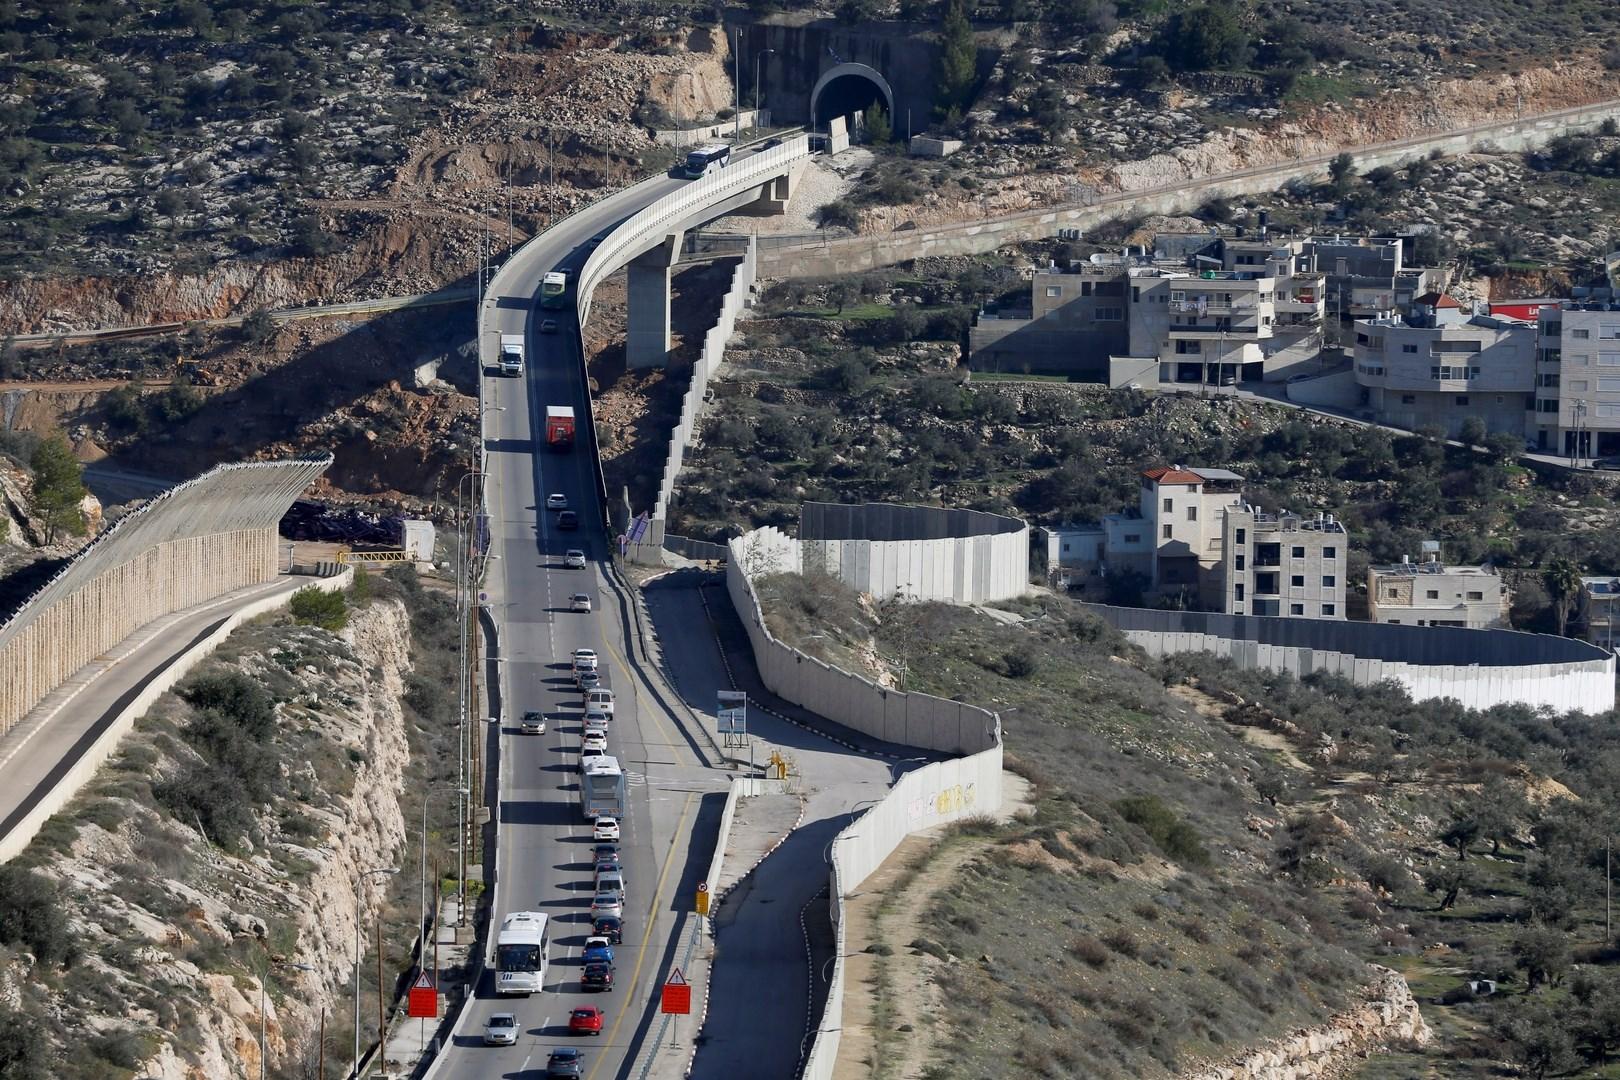 """""""هآرتس"""": حكومة اليمين تخطط لبناء طريق جديدة في الضفة الغربية وتعمّق الأبرتهايد"""